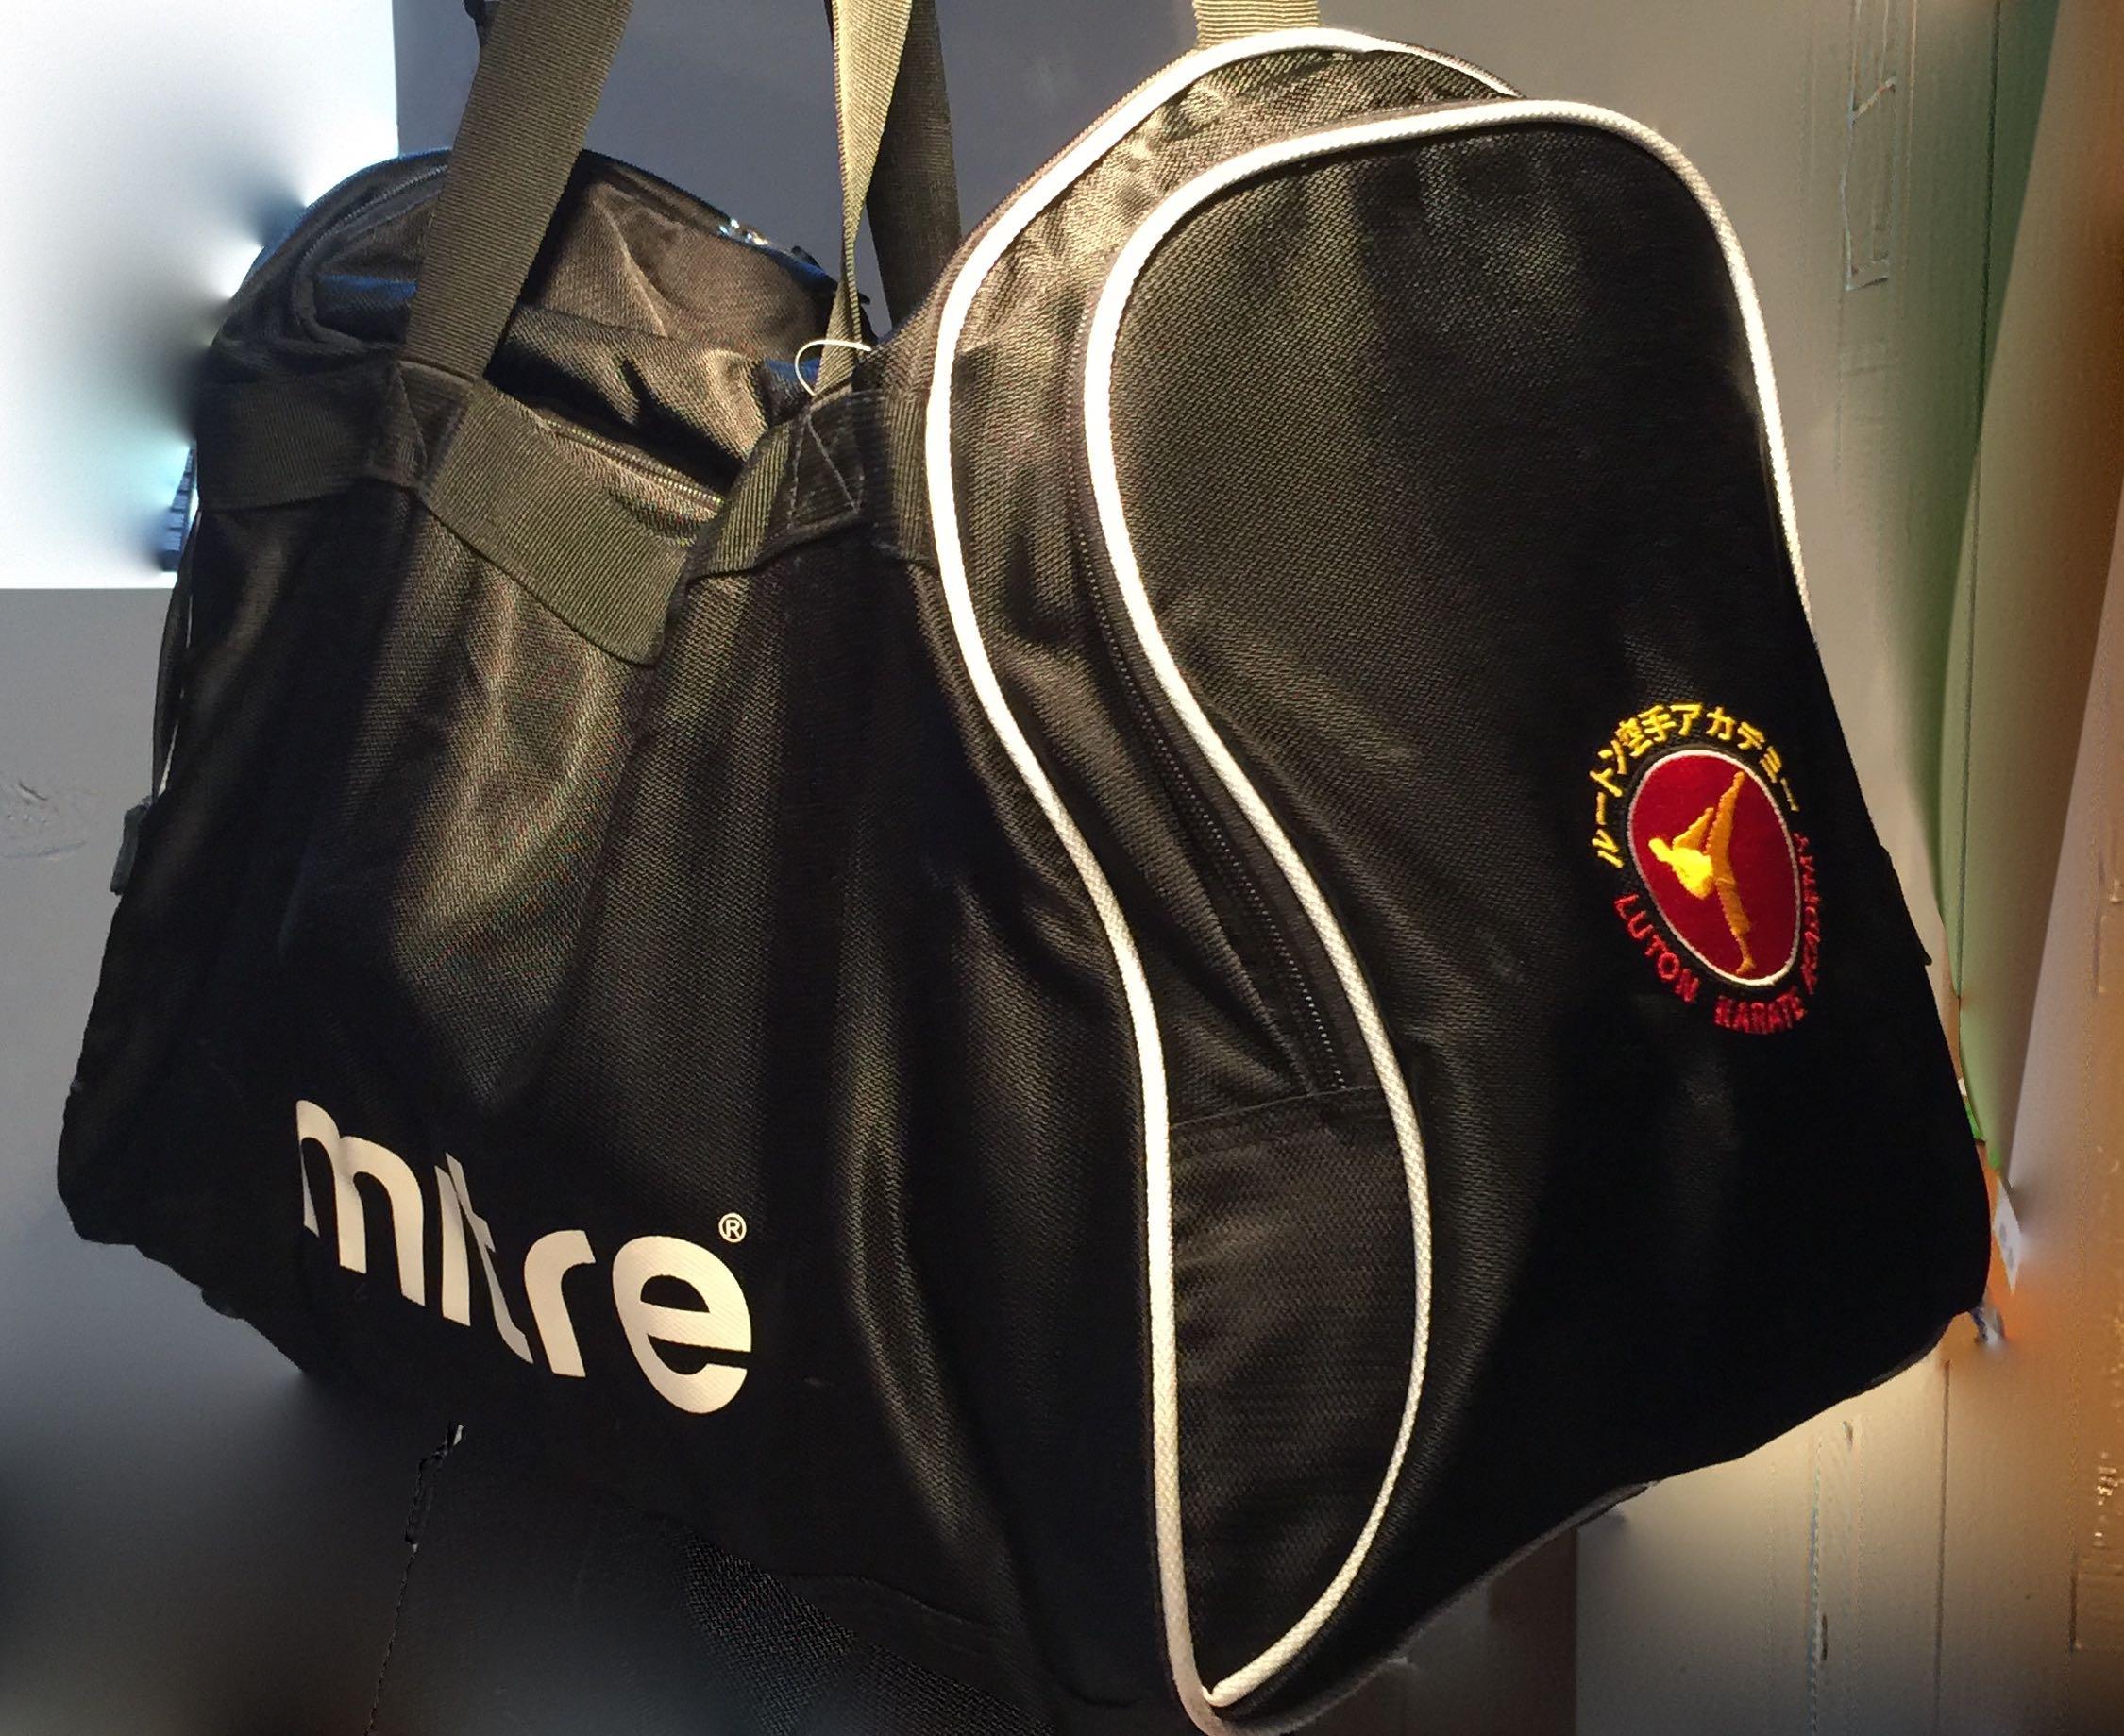 LKA Medium bags